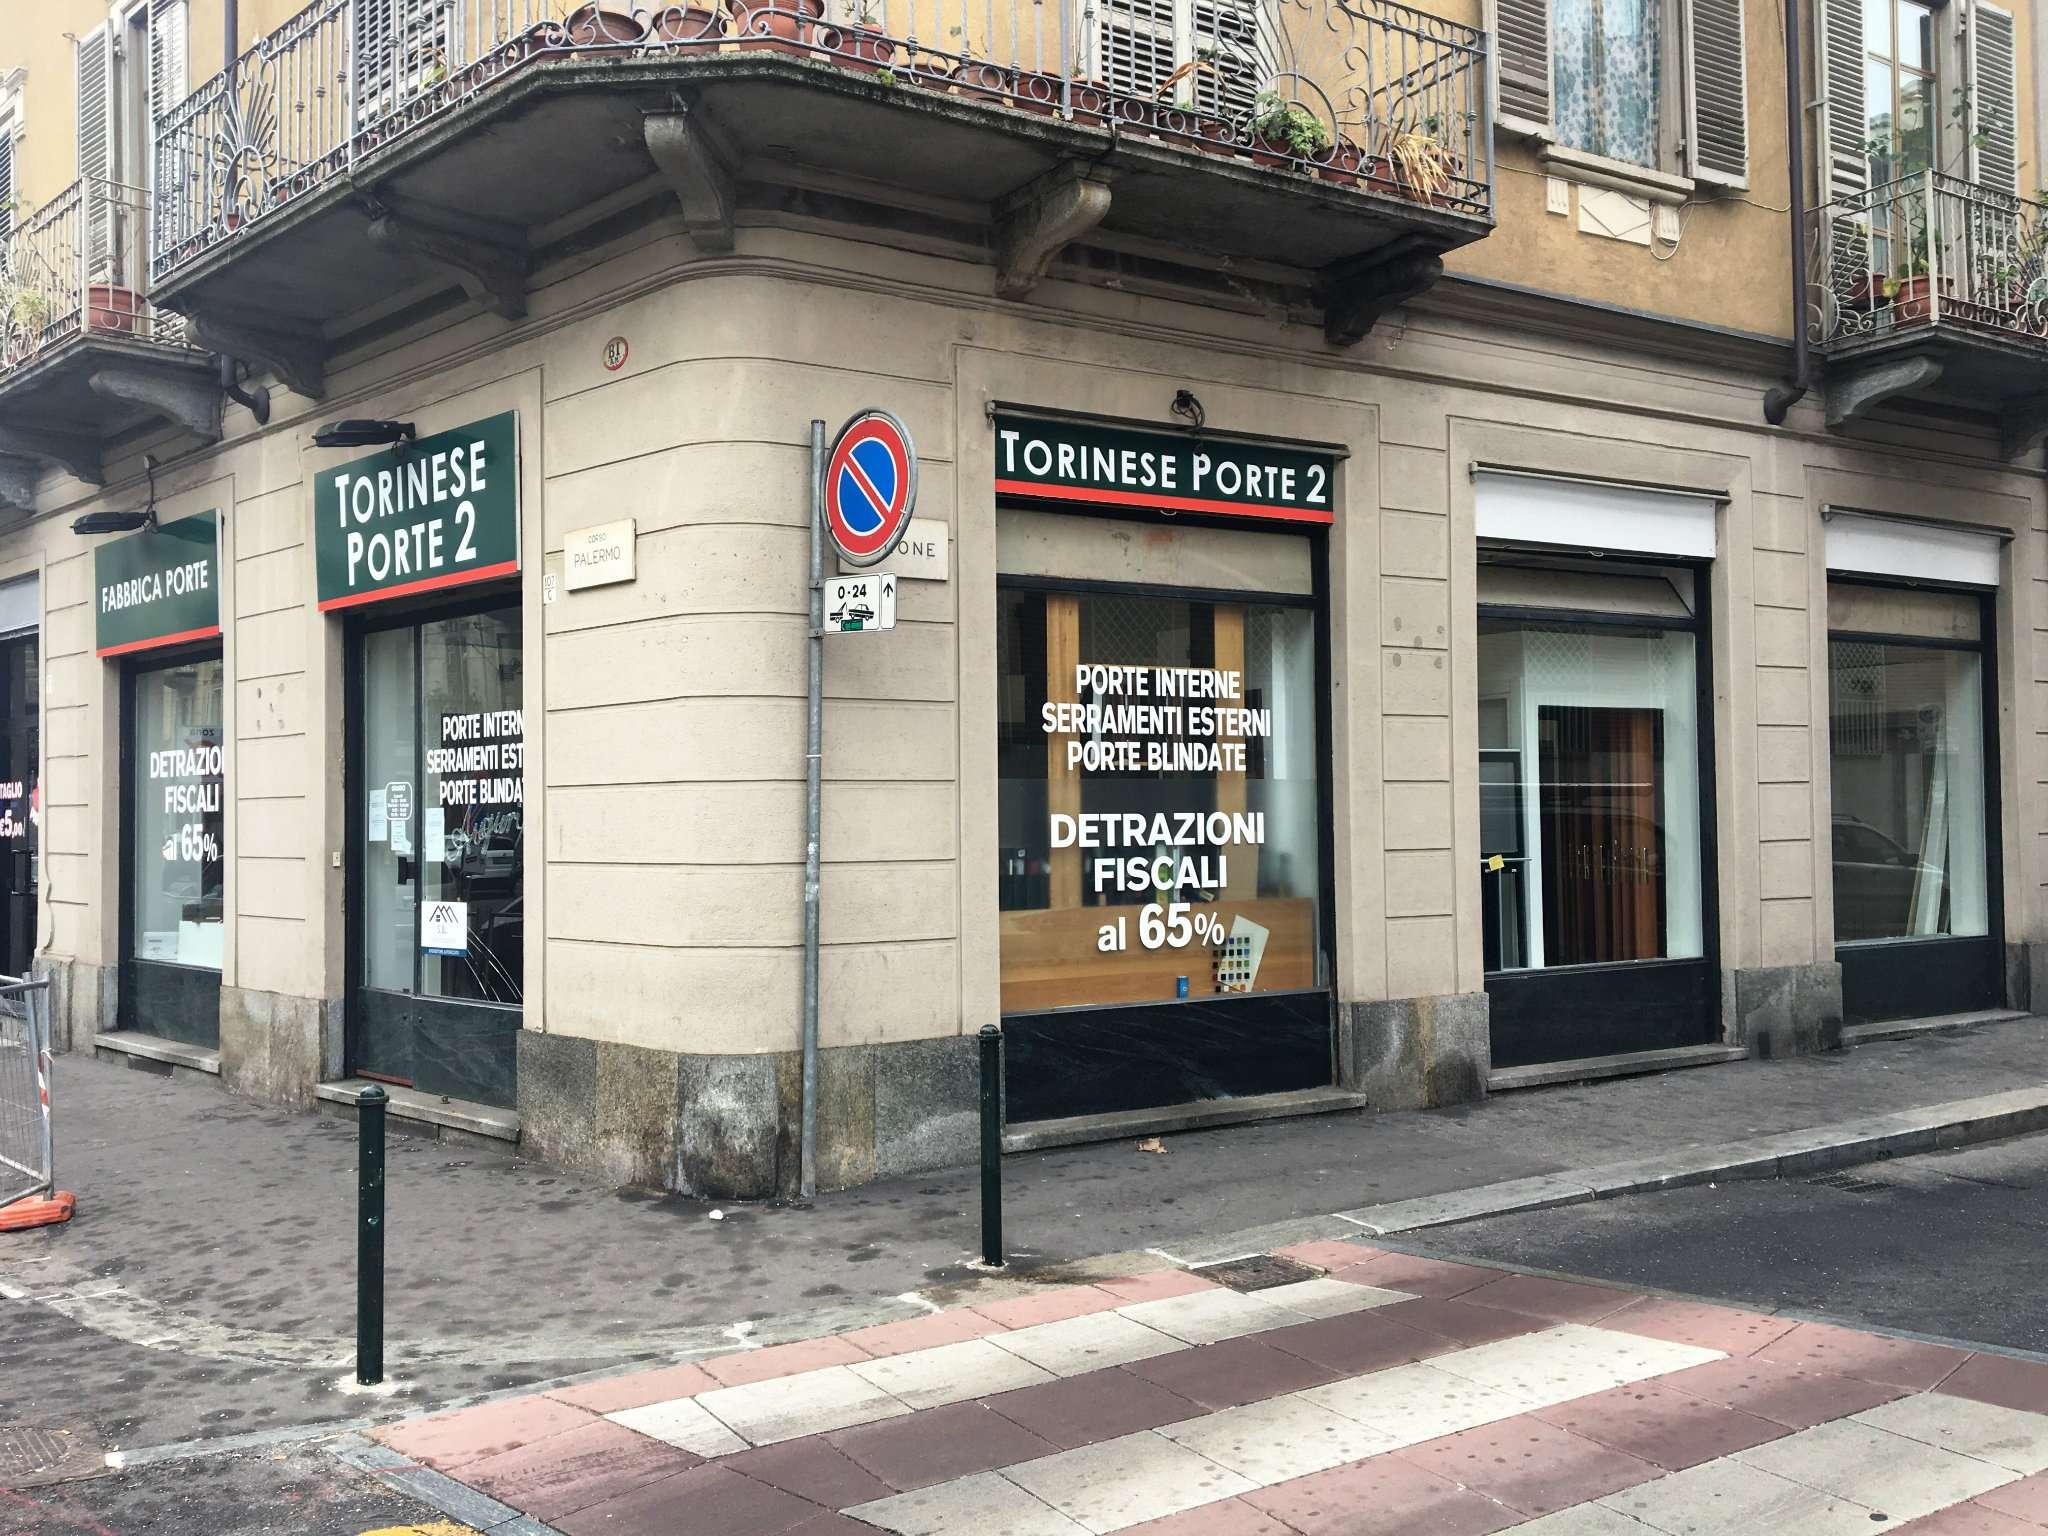 Immagine immobiliare Locale Commerciale - Corso Palermo 107 Ampio locale open space di circa 90 mq con servizi e locale caldaia.Locale commerciale angolare di 5 vetrine, riscaldamento autonomo, antifurto canna fumaria.Ingresso posteriore dal cortile interno...